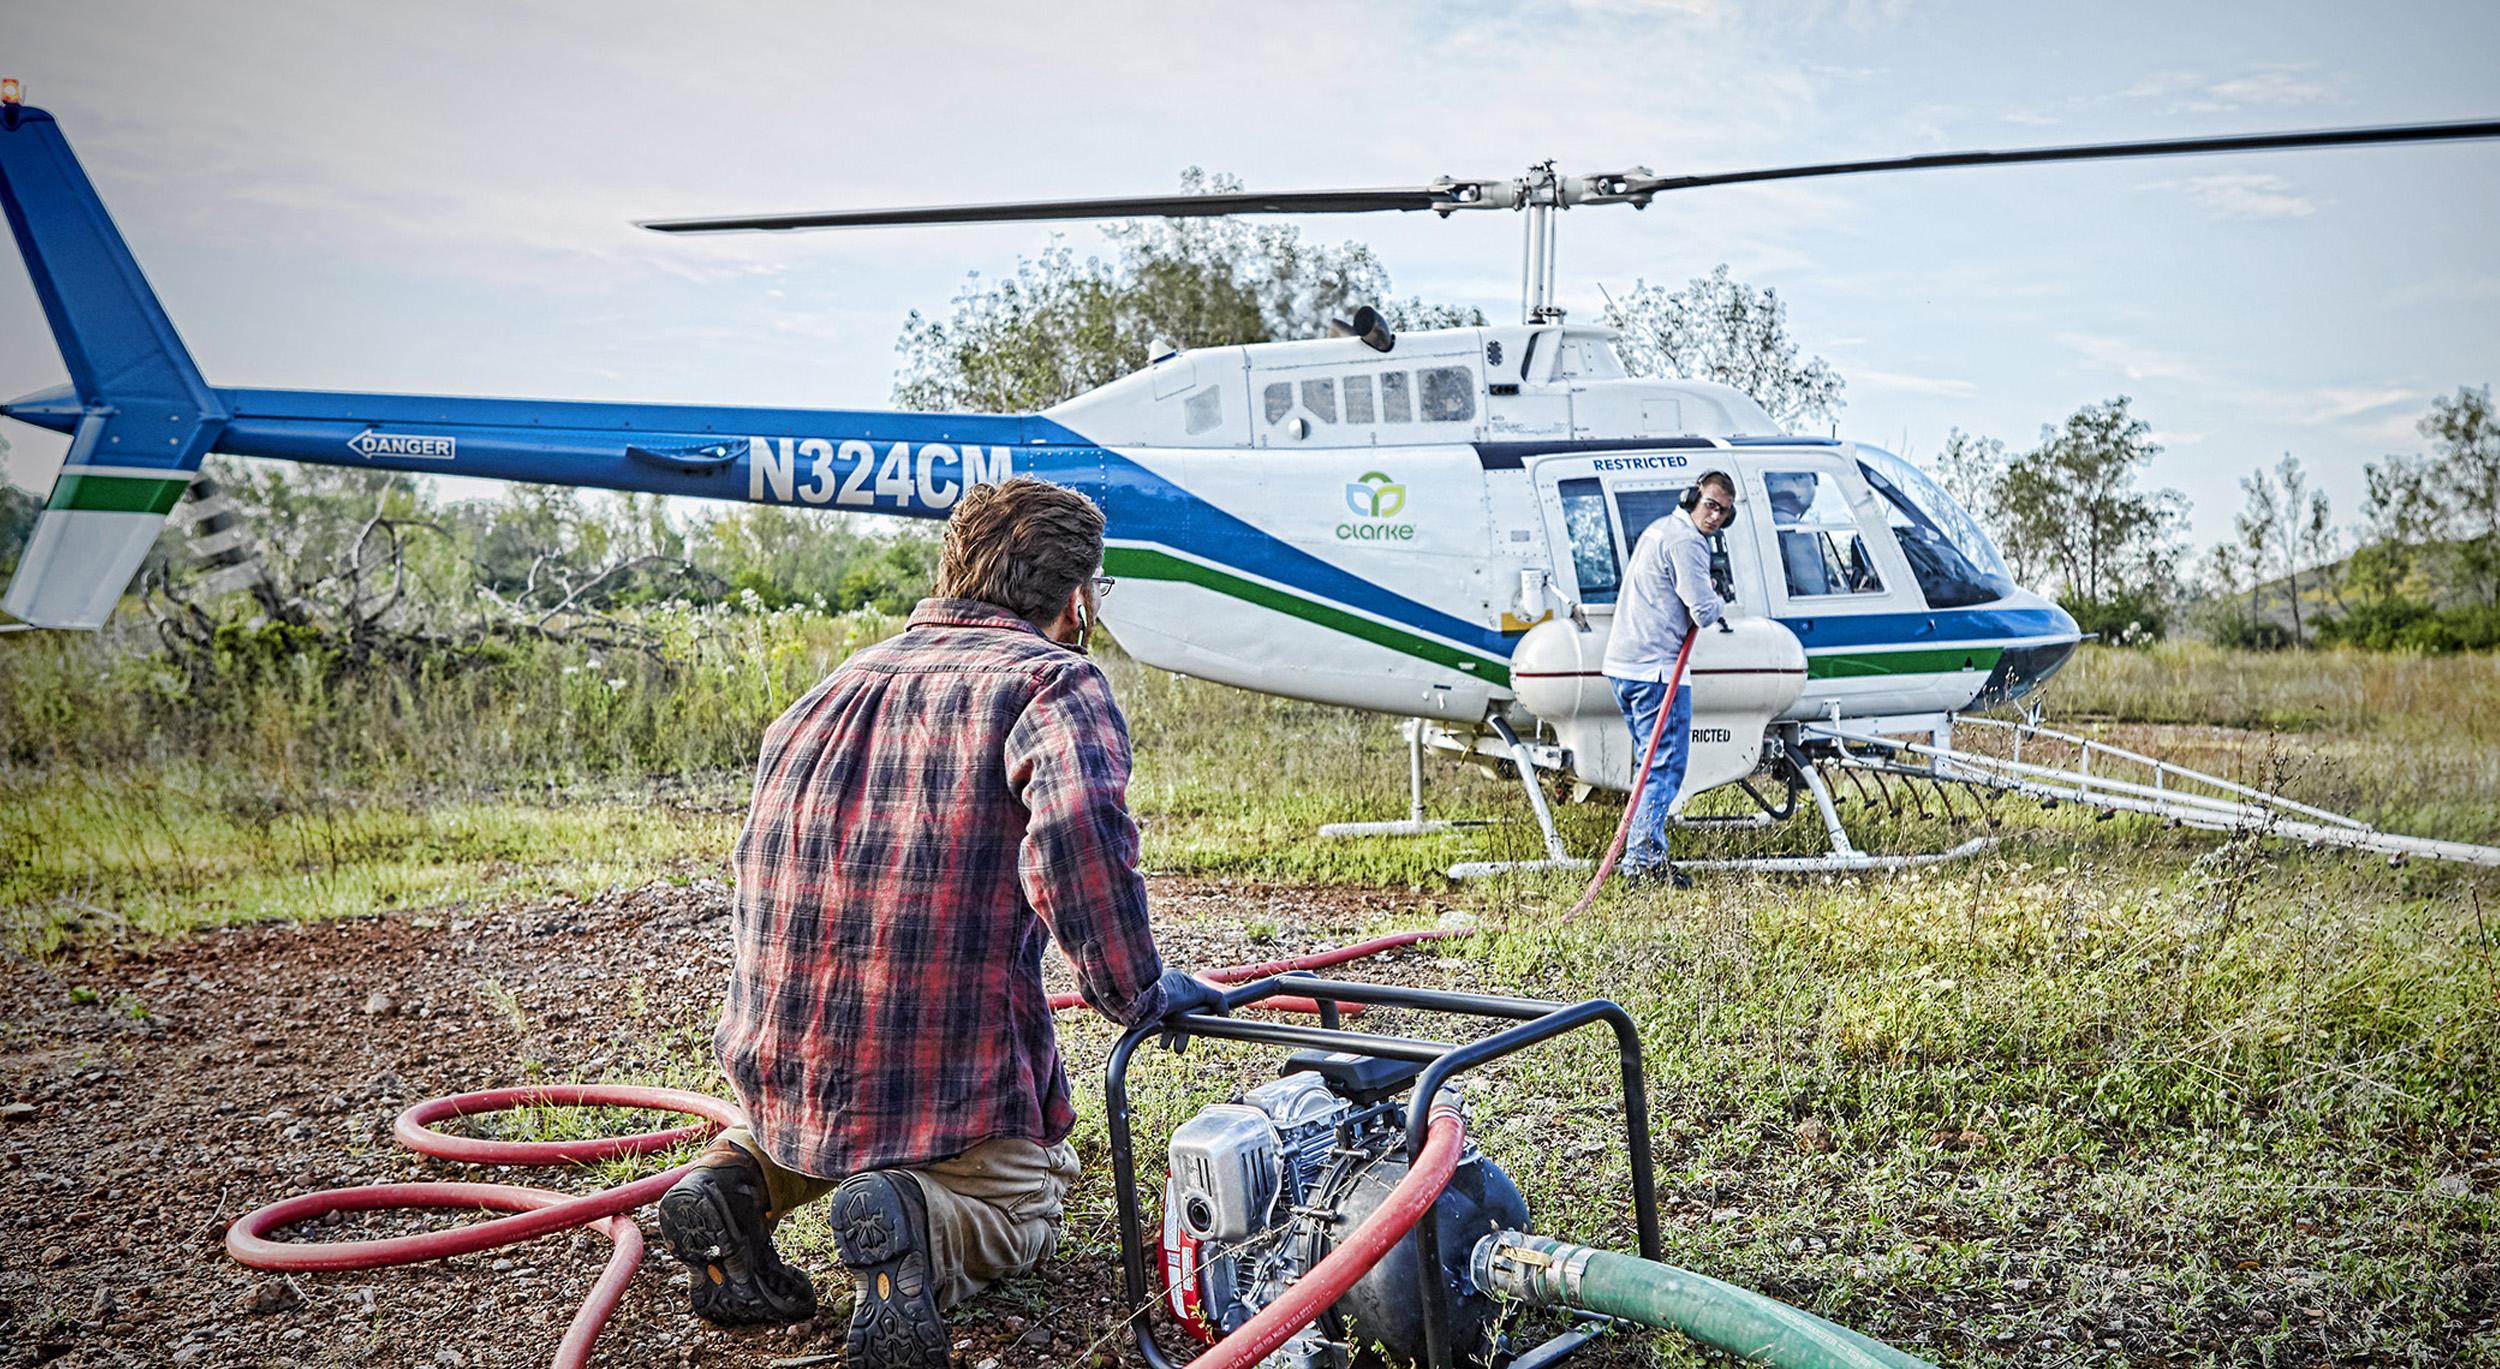 HelicopterReSupply_FGeiger_PattiSuganoAgent.jpg